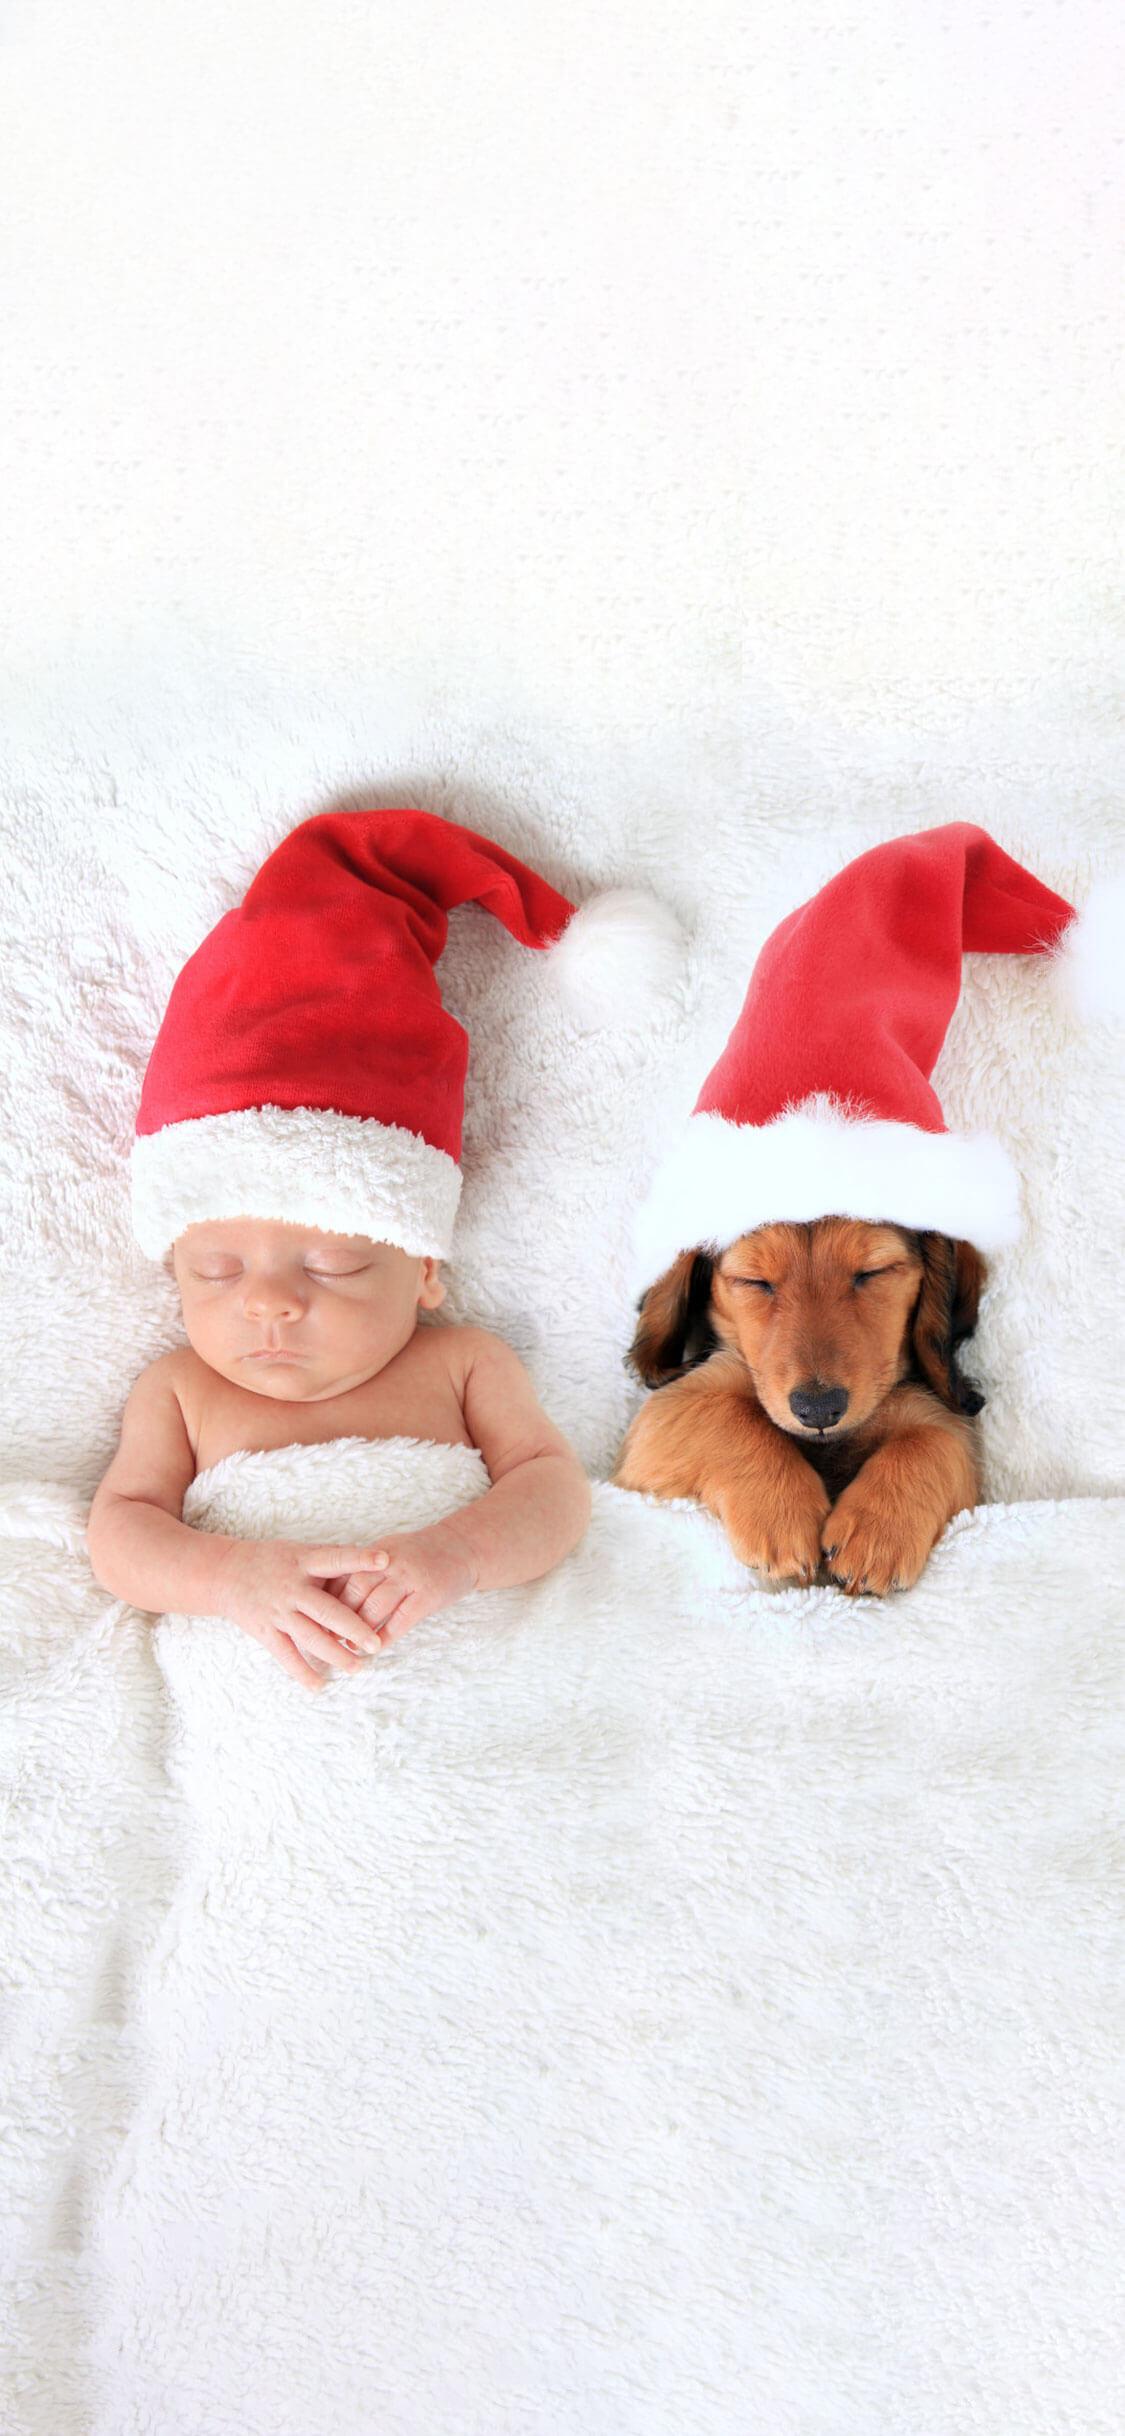 7 white baby and dog